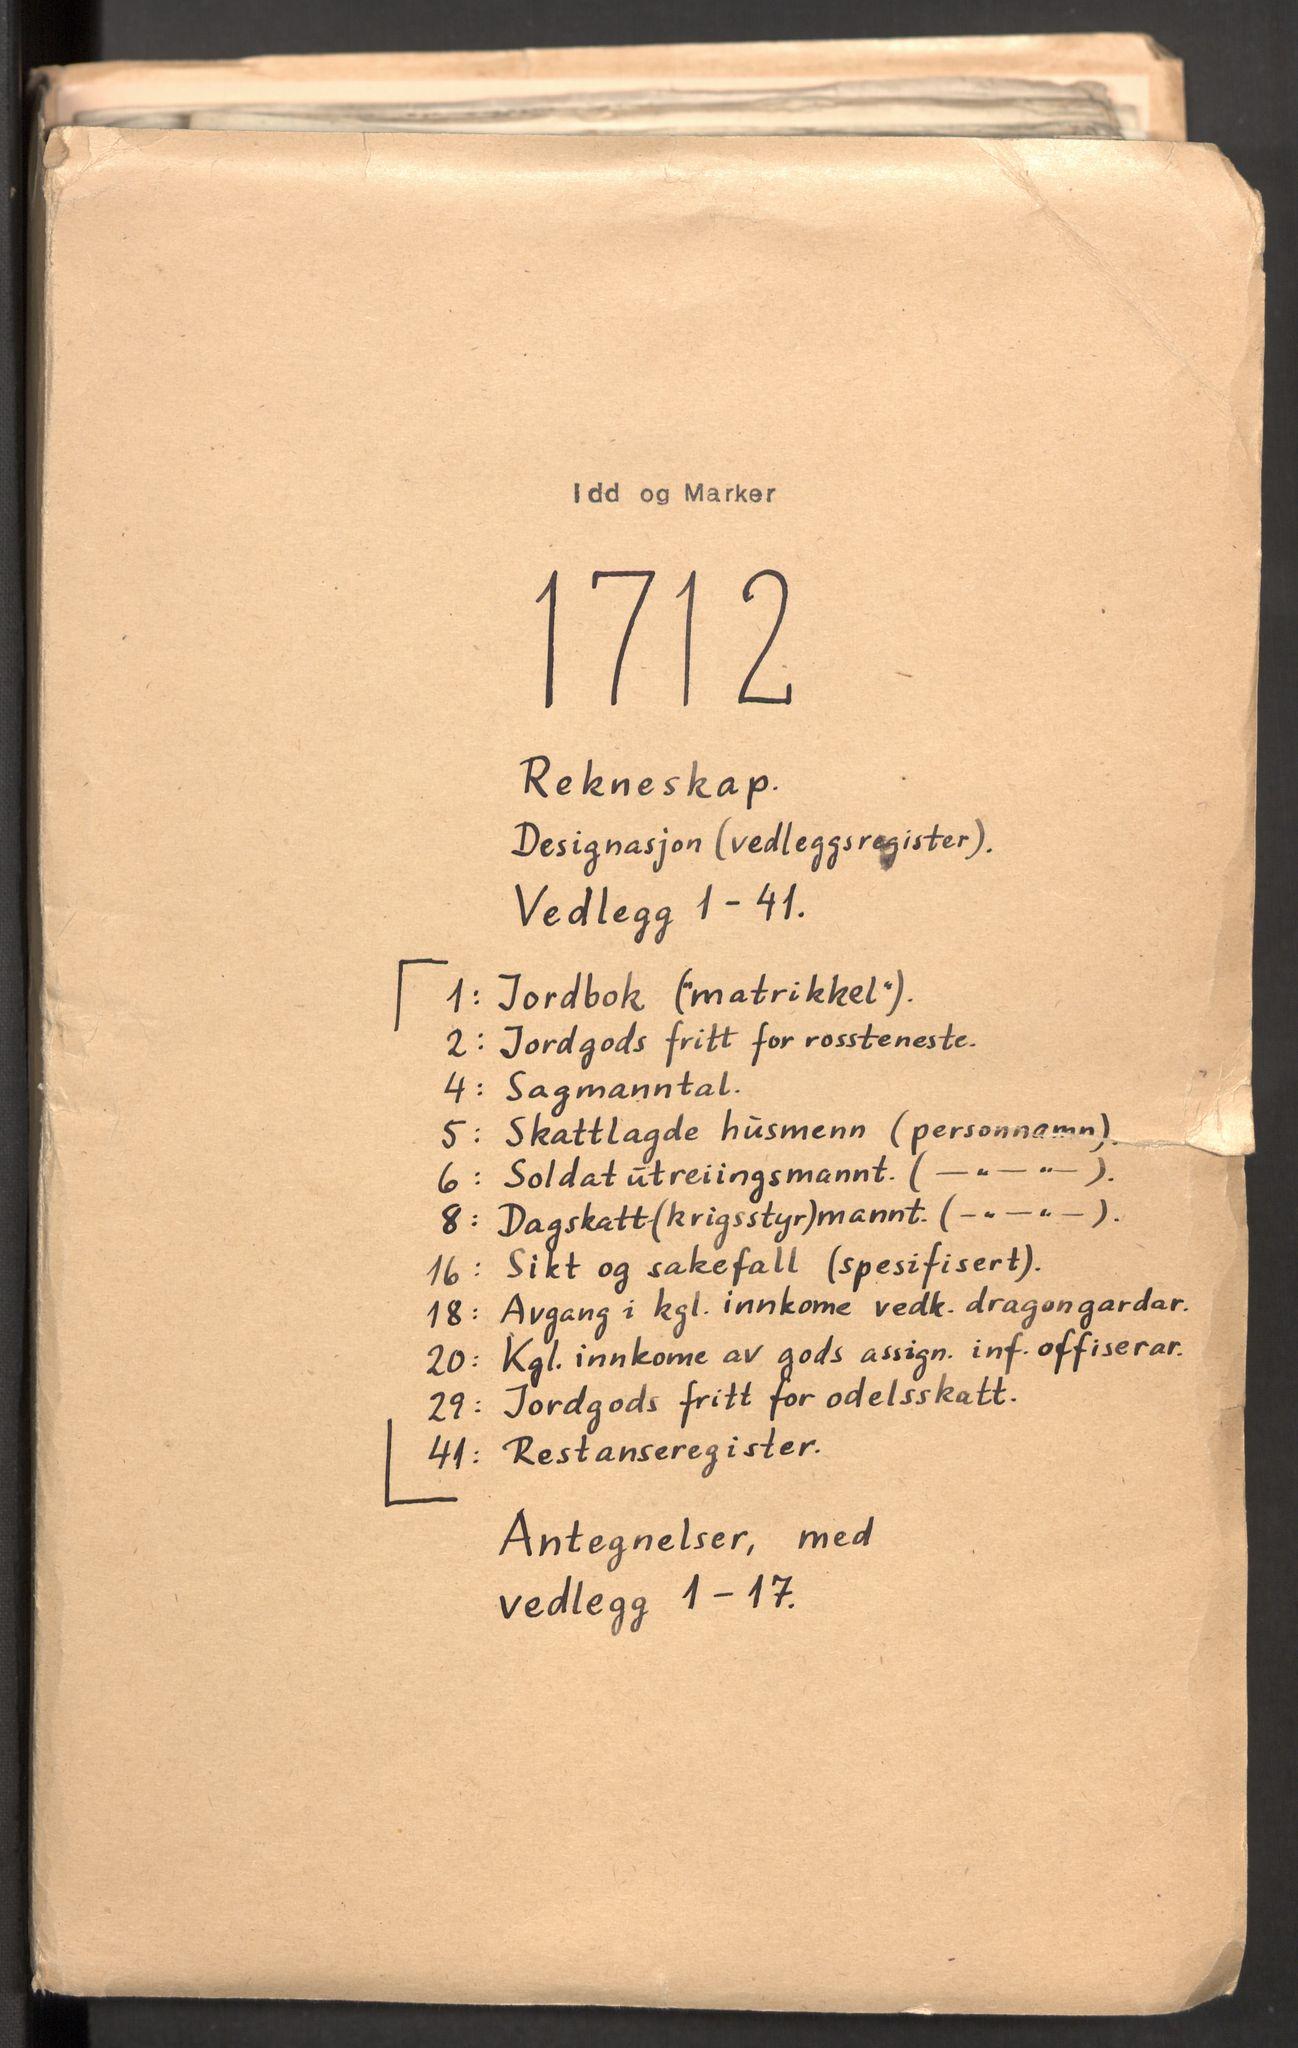 RA, Rentekammeret inntil 1814, Reviderte regnskaper, Fogderegnskap, R01/L0021: Fogderegnskap Idd og Marker, 1712, p. 2